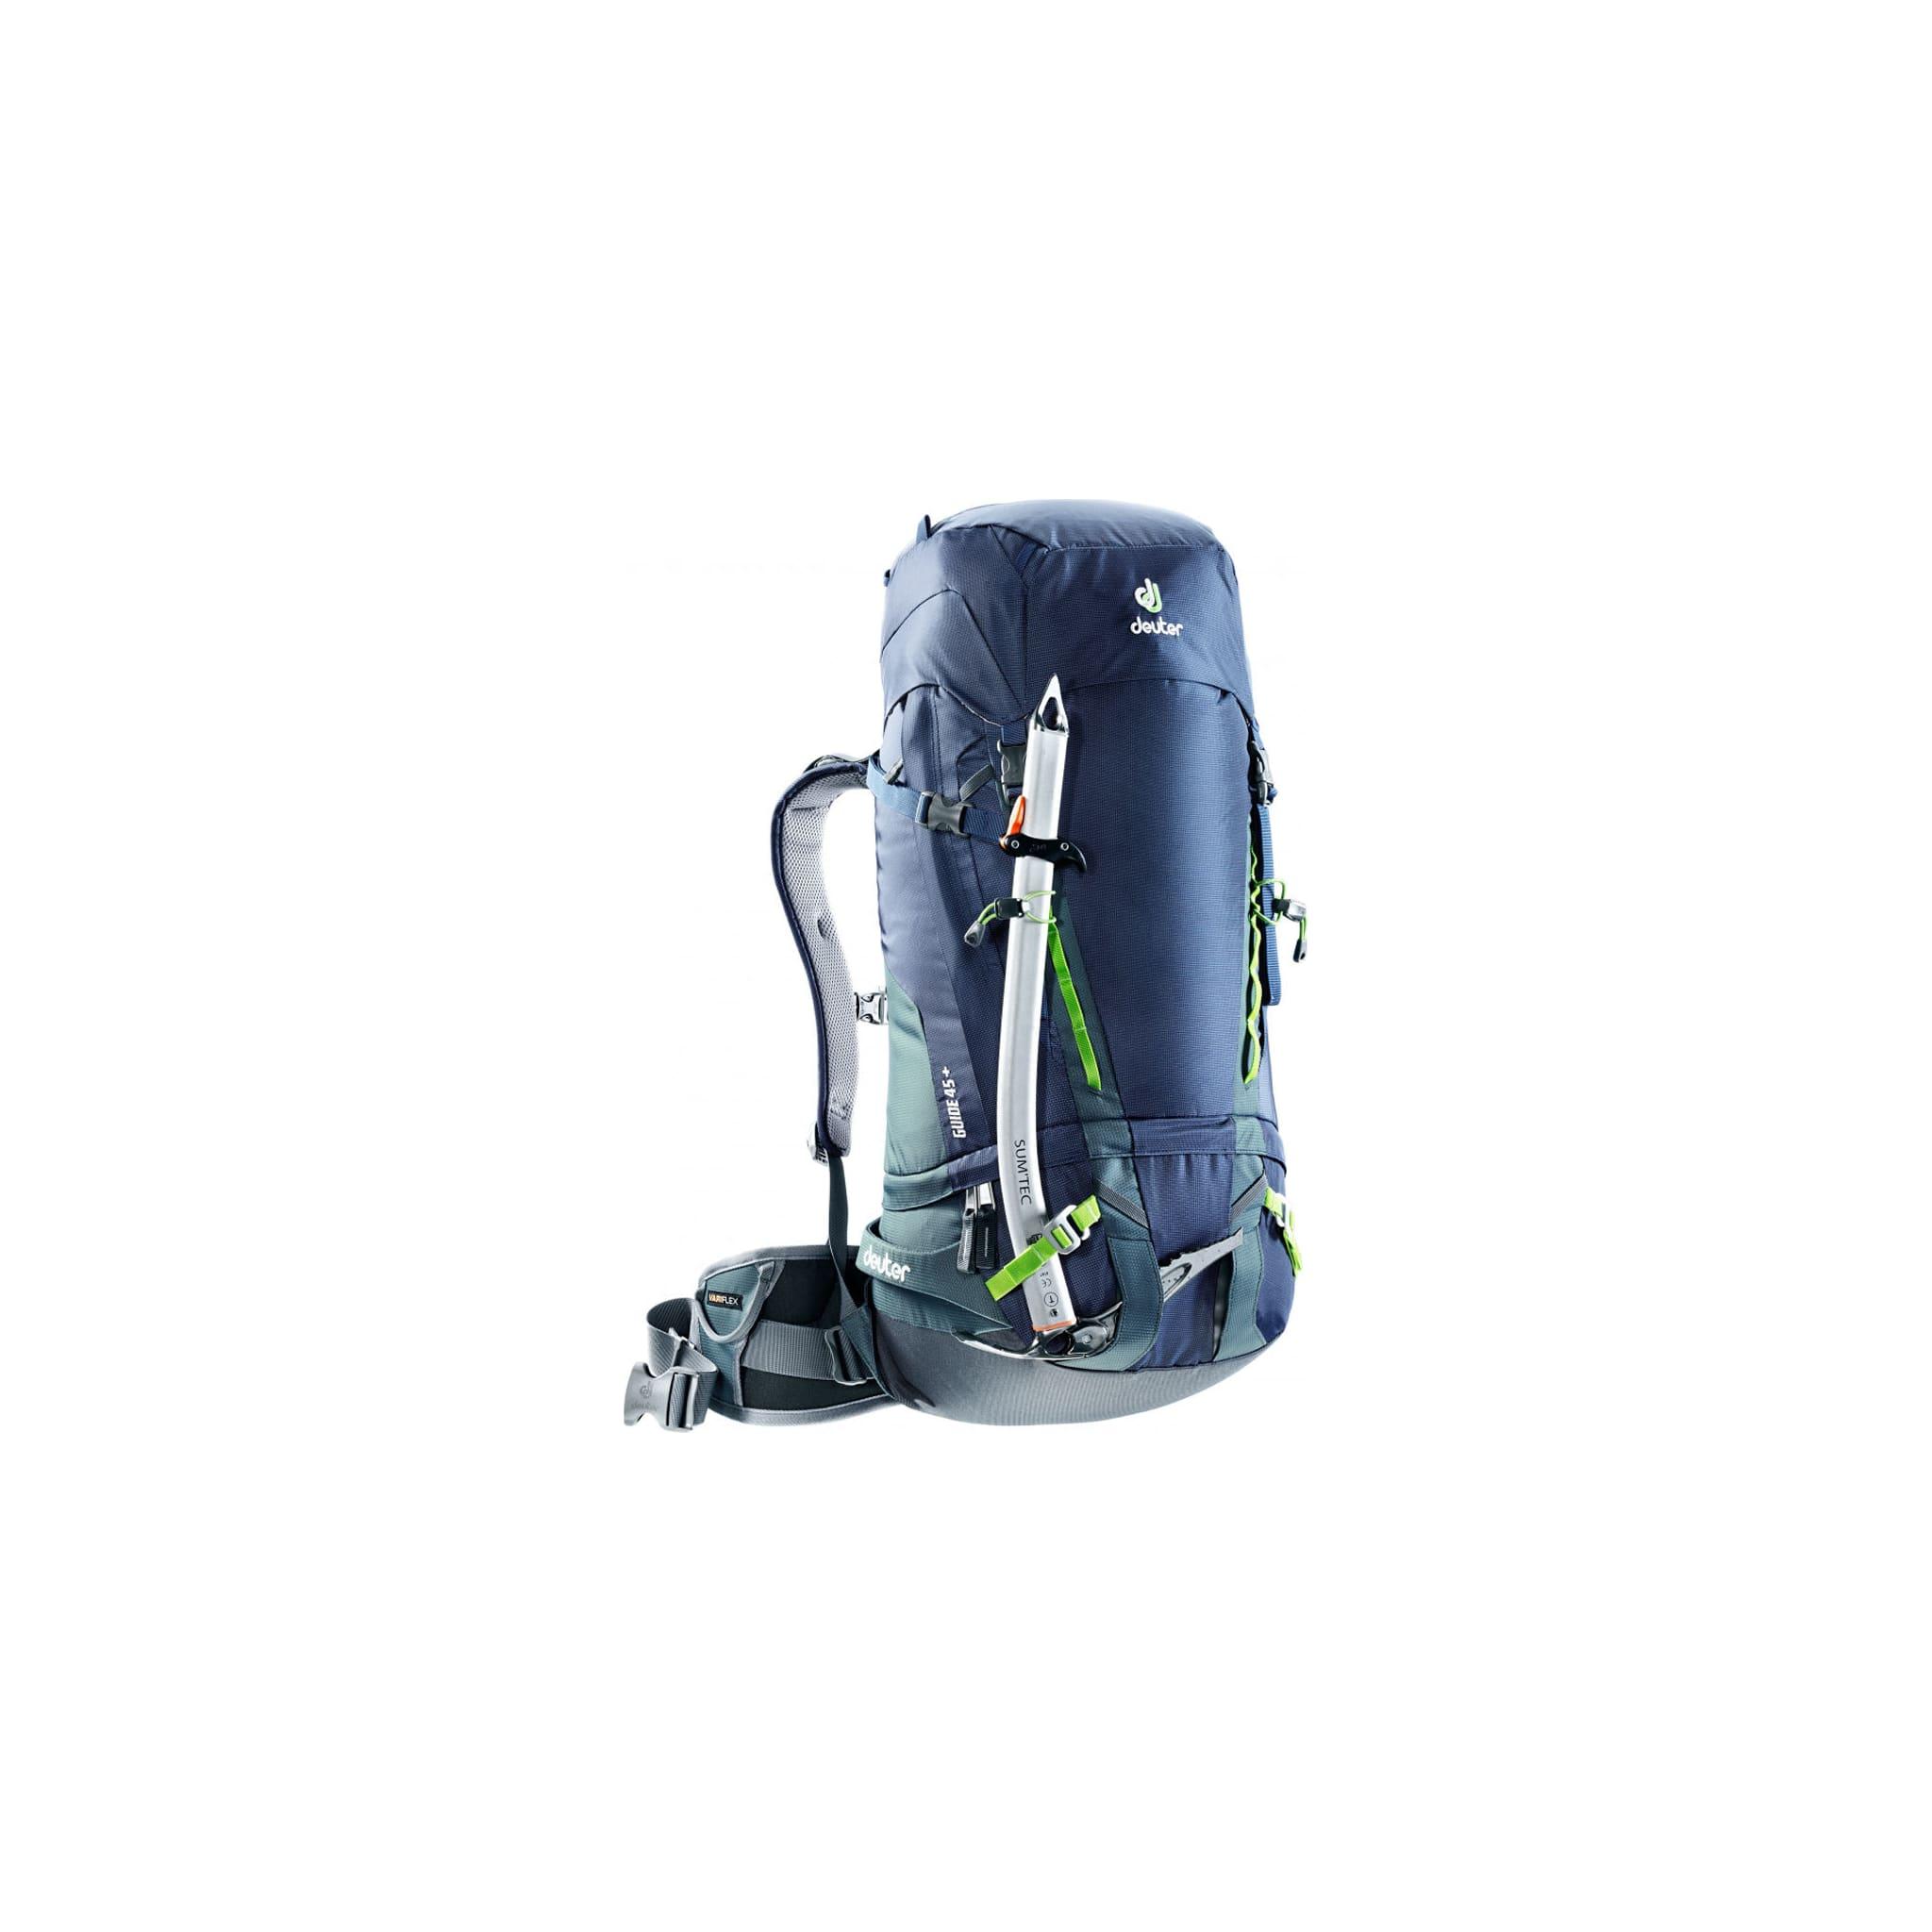 Stor fjellsekk for dagsturer med mye utstyr eller lette overnattingsturer